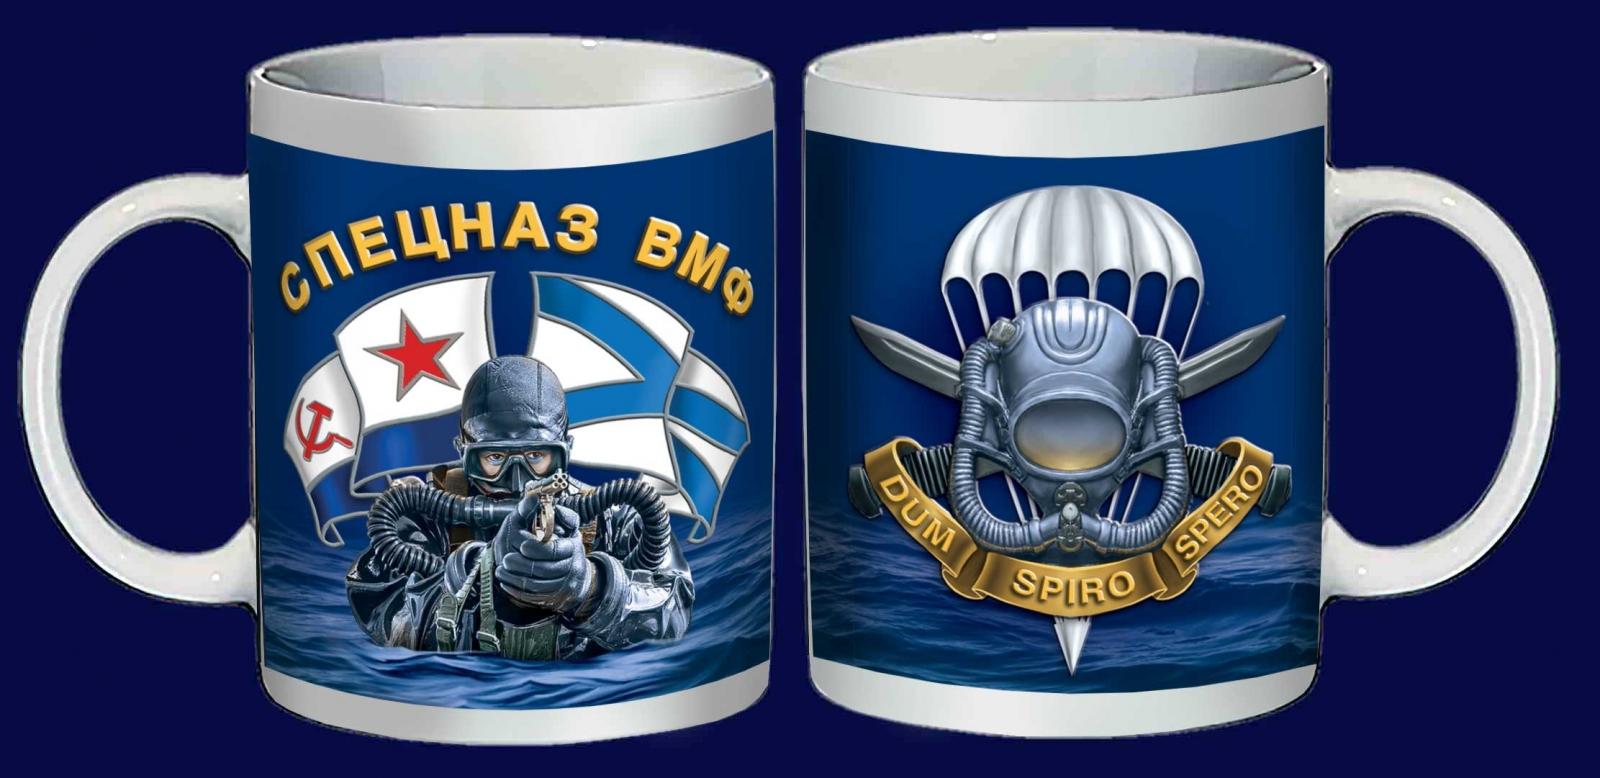 """Керамическая кружка """"Спецназ ВМФ"""""""